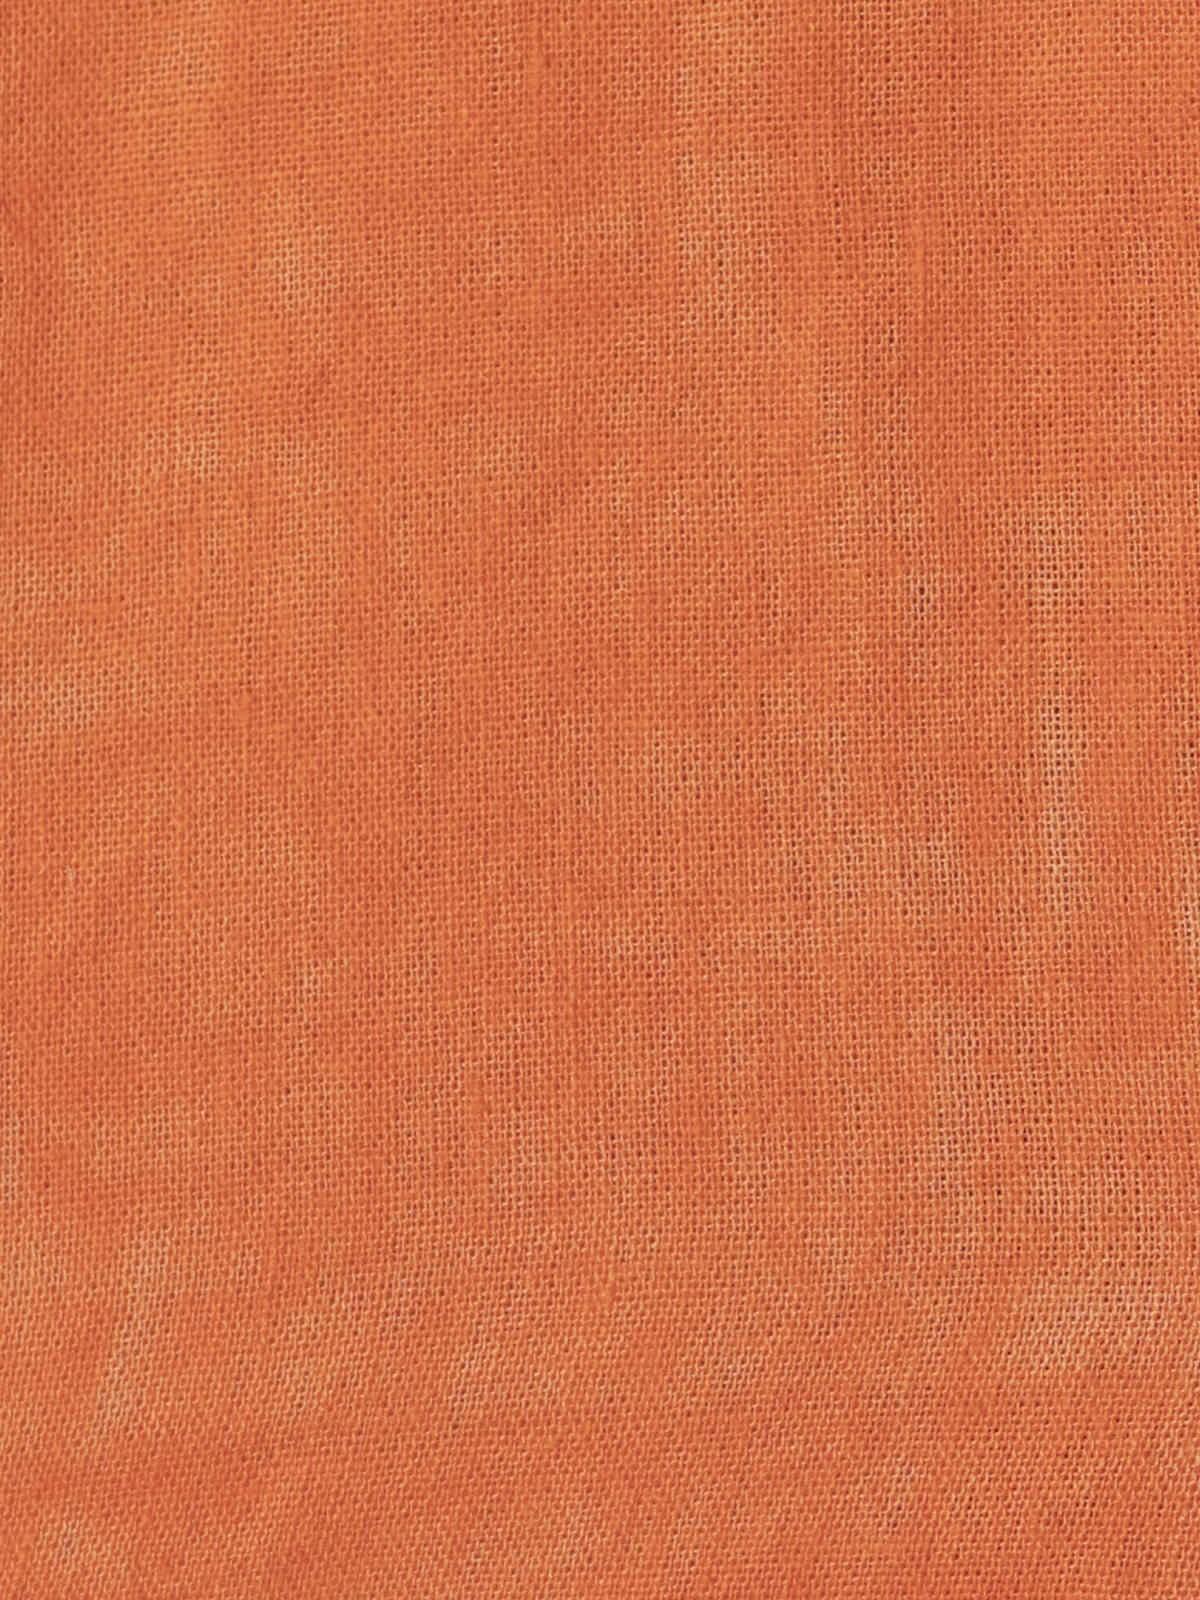 Woman Woman Smooth flowing shirt Orange